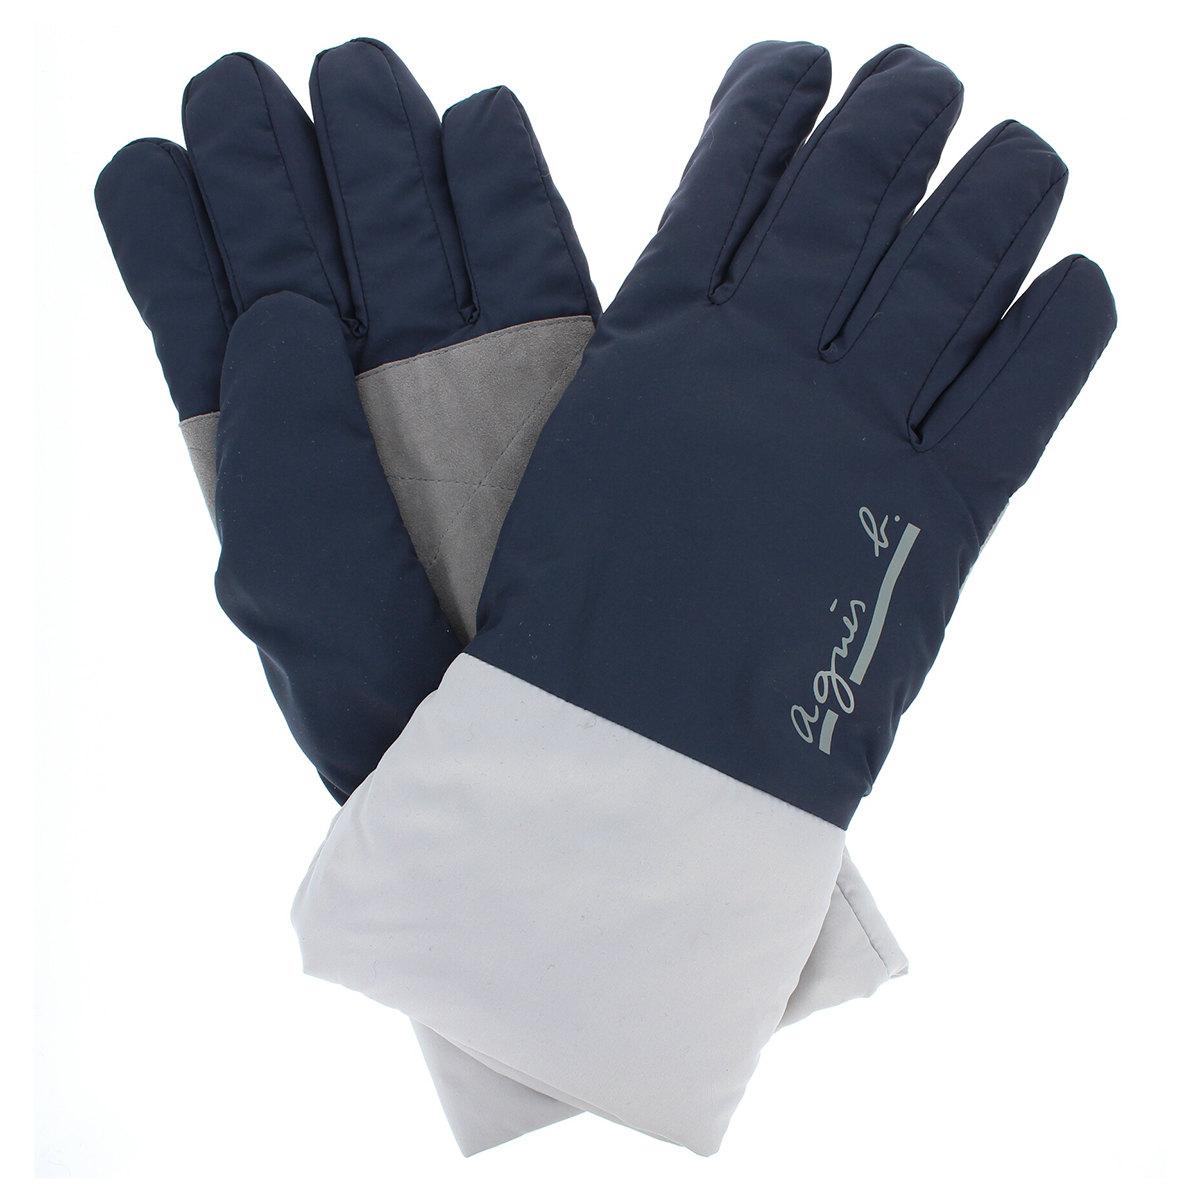 【SALE】メンズ手袋 アニエスベーオム agnes b スポーツ スキー プレゼント 通勤 防寒 防風 おしゃれ ビジネス小物 ファッション雑貨 大学生 暖か